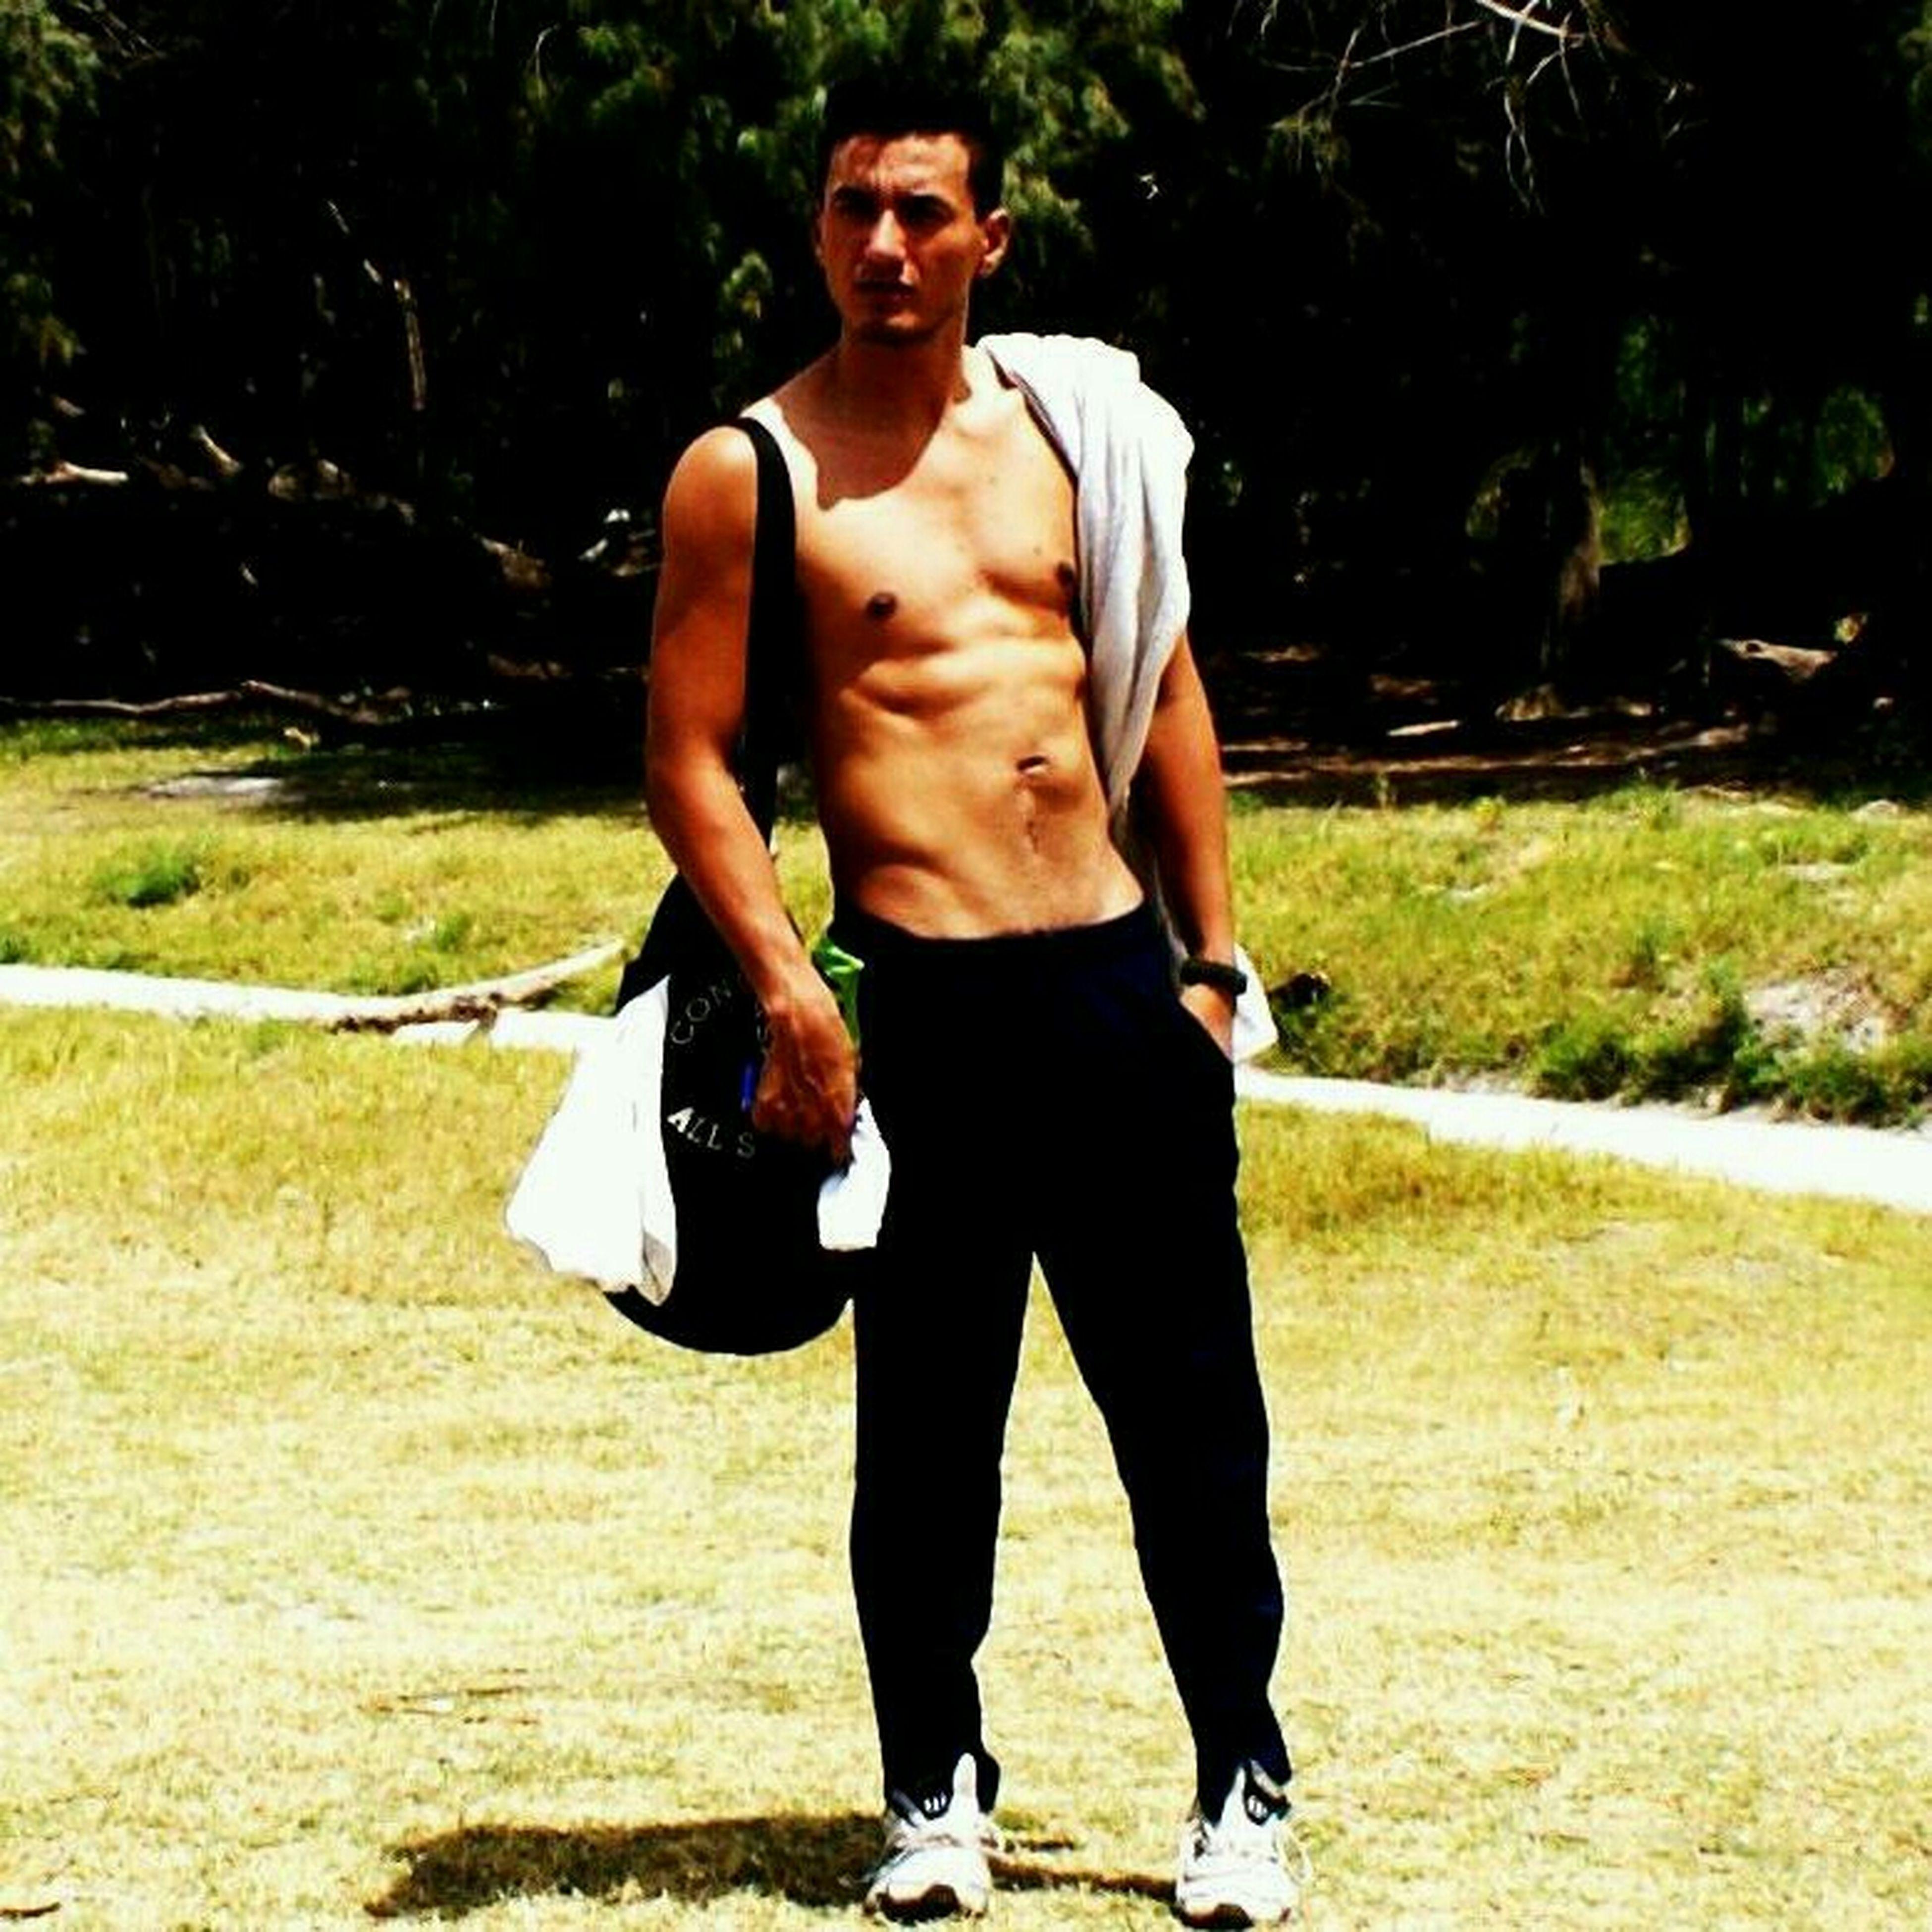 Gym Sexy Boy Man That's Me saliendonde de un entrenamiento